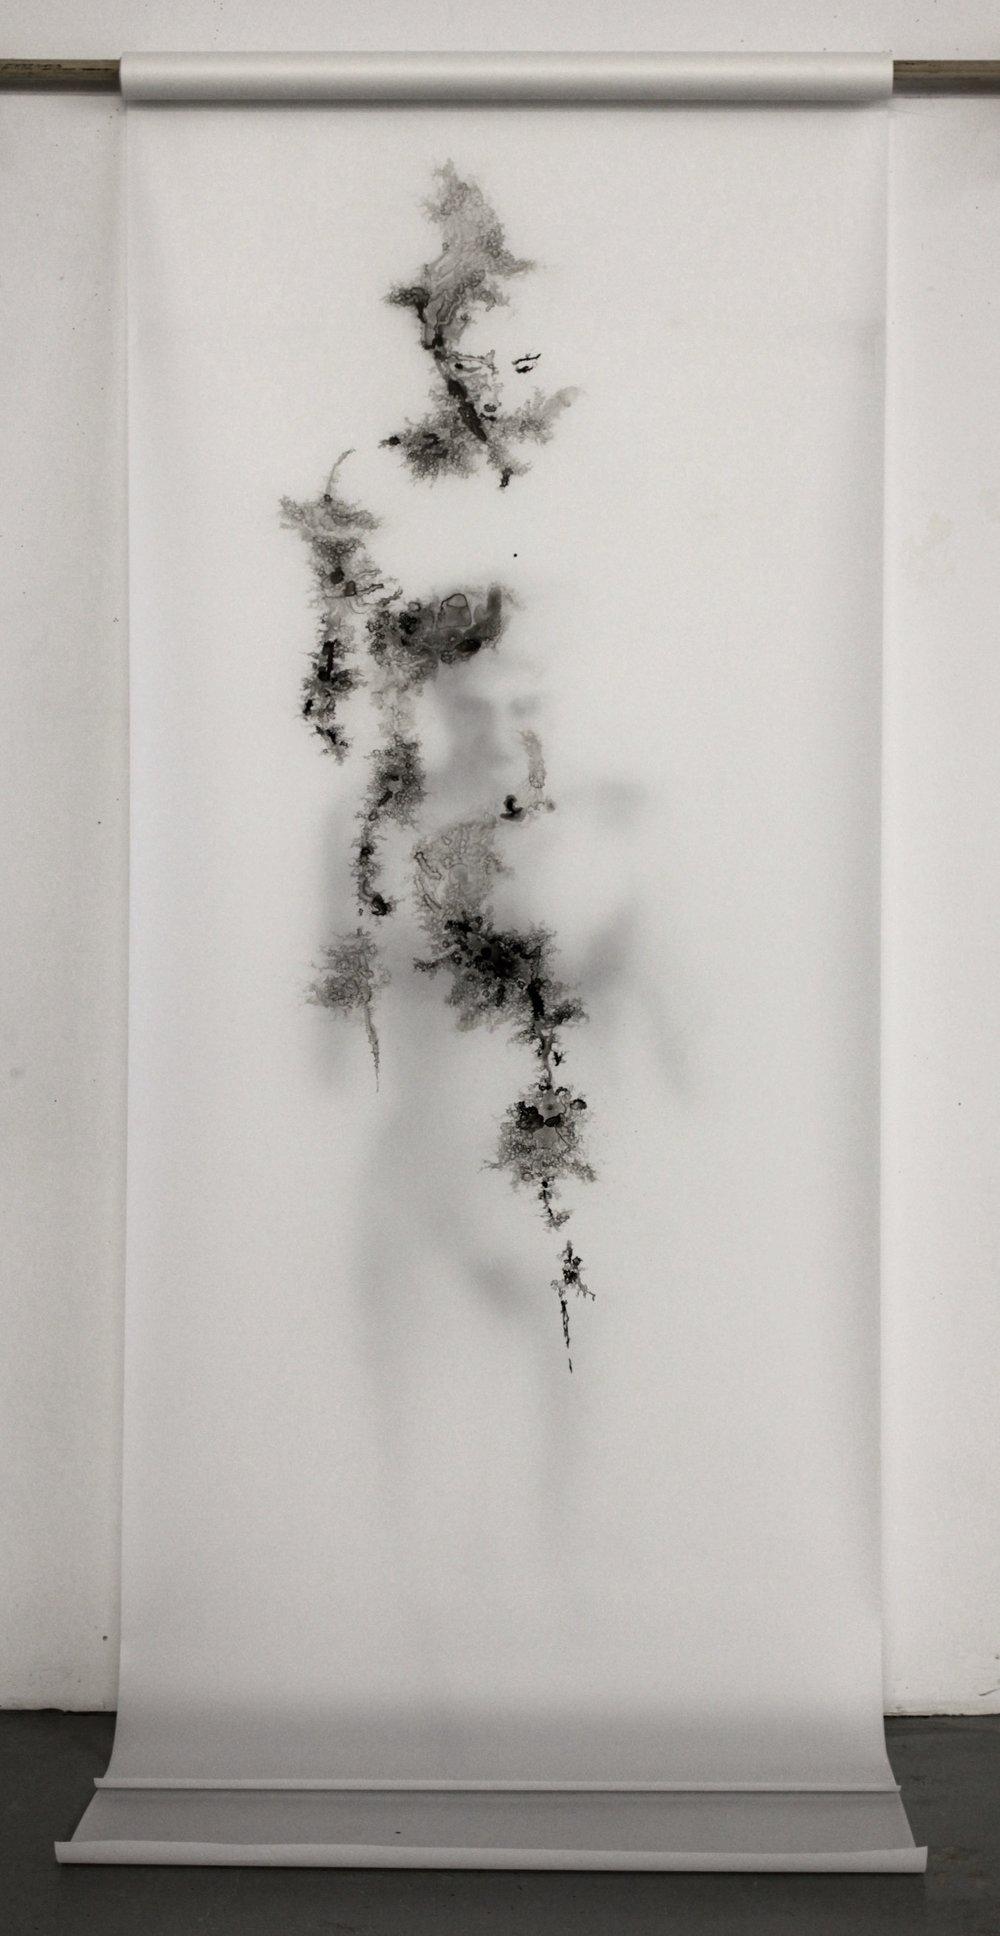 Fall (1/2), 2014